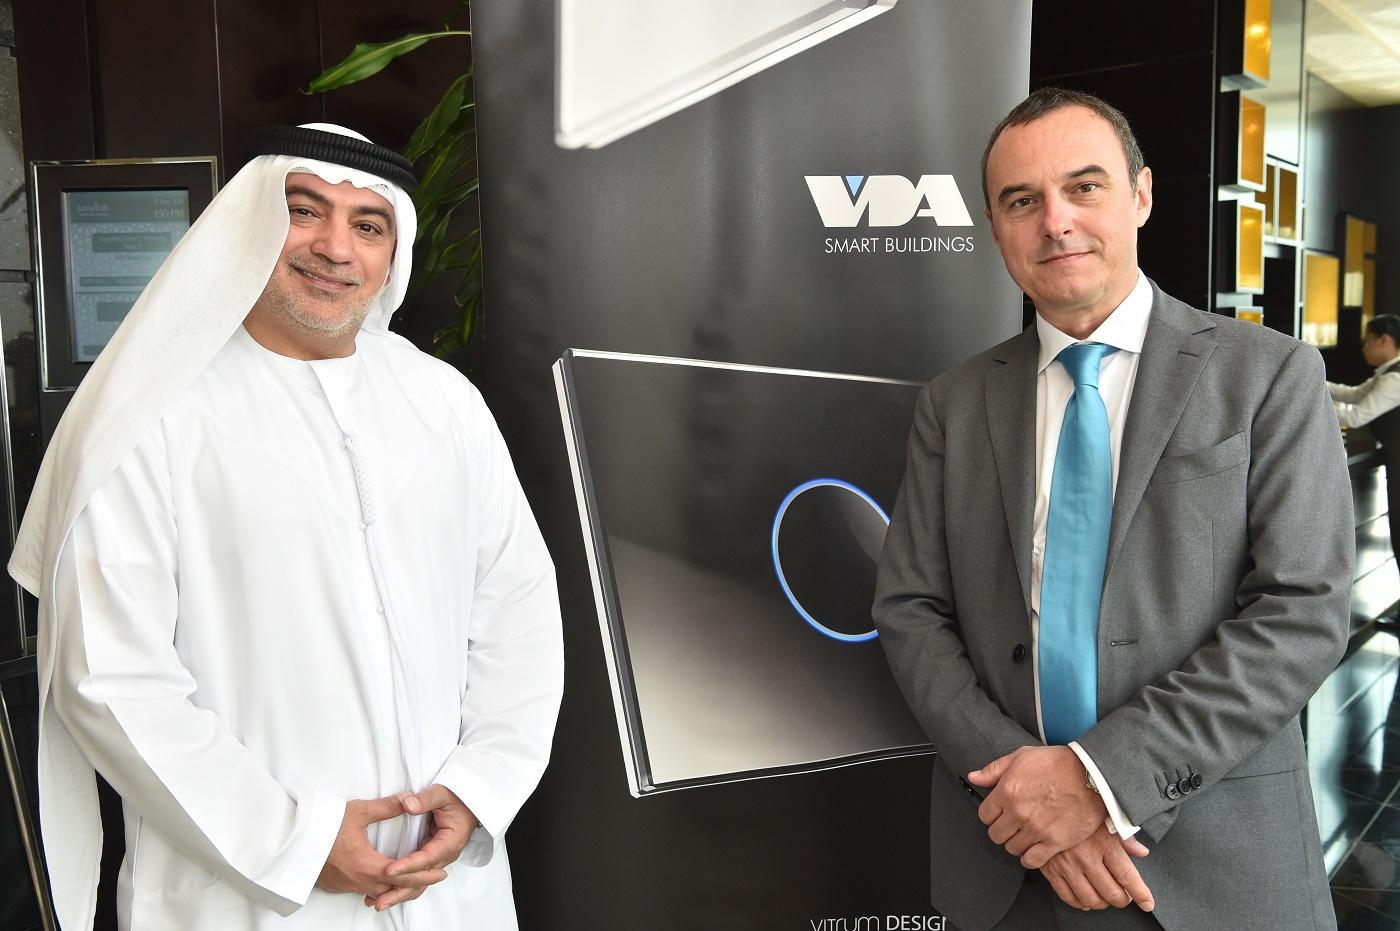 VDA   تقدم الحلول الذكية في قطاعي الضيافة والسكن من خلال ورشة عمل أقامتها في دبي